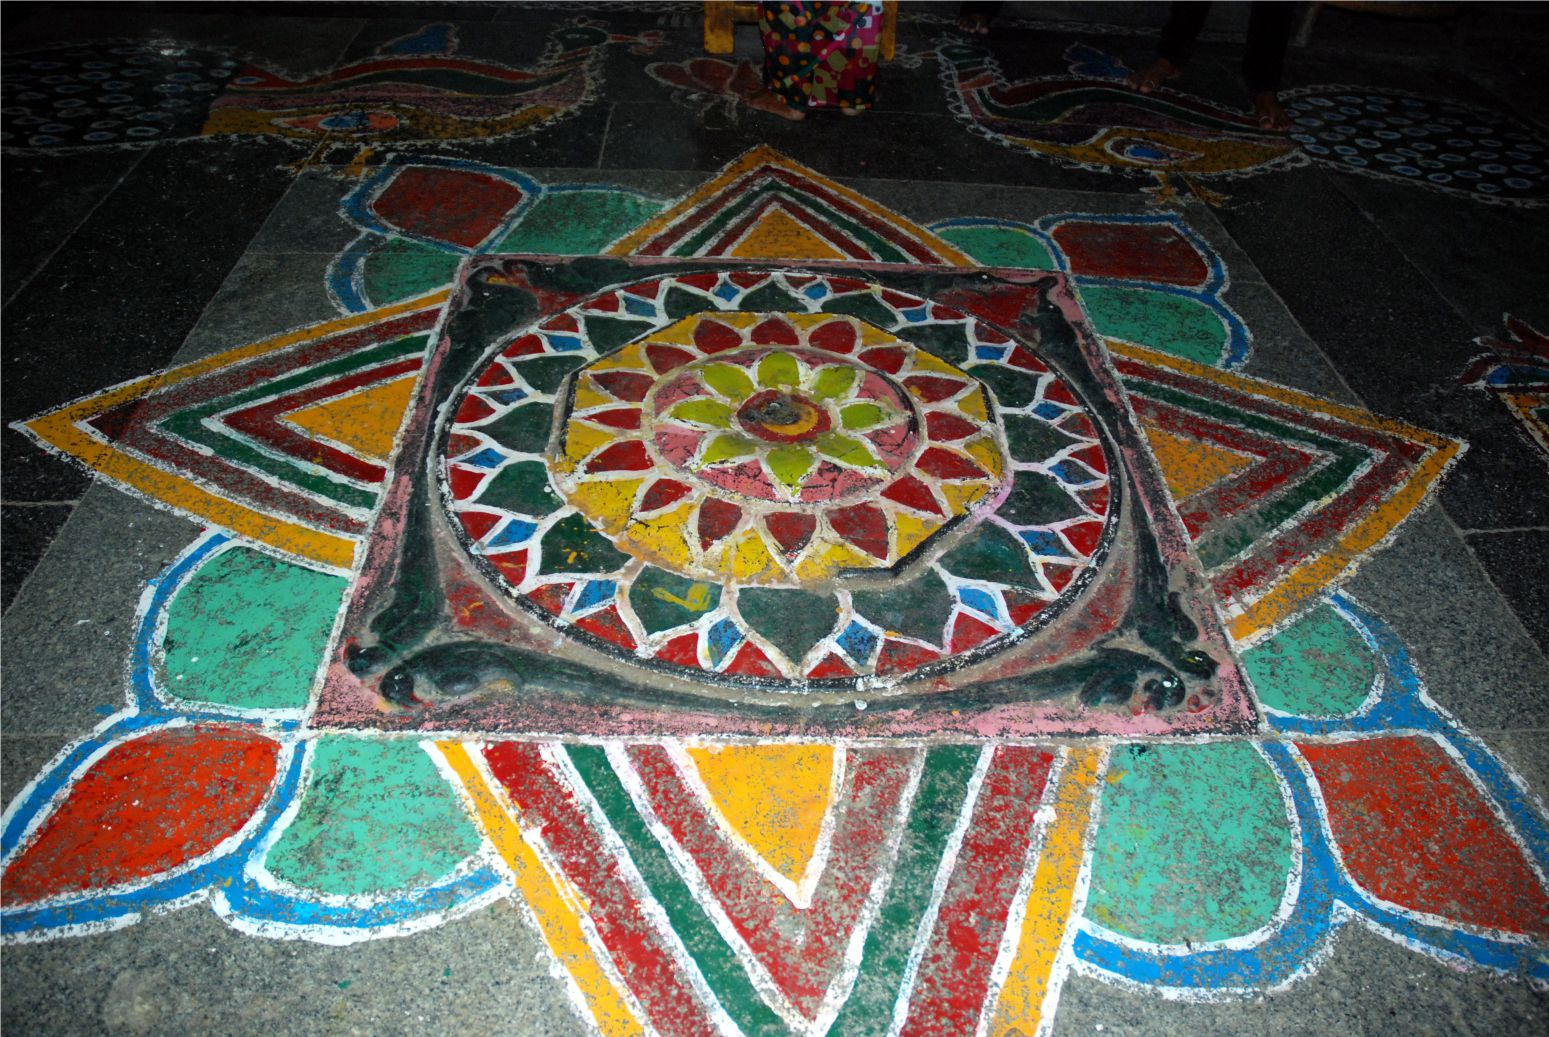 Kanchipuramban az egyik templom padlóján fotóztam ezt a csodaszép mandalát. (Ez tartós festékkel készült, nem kell minden nap újra rajzolni.)